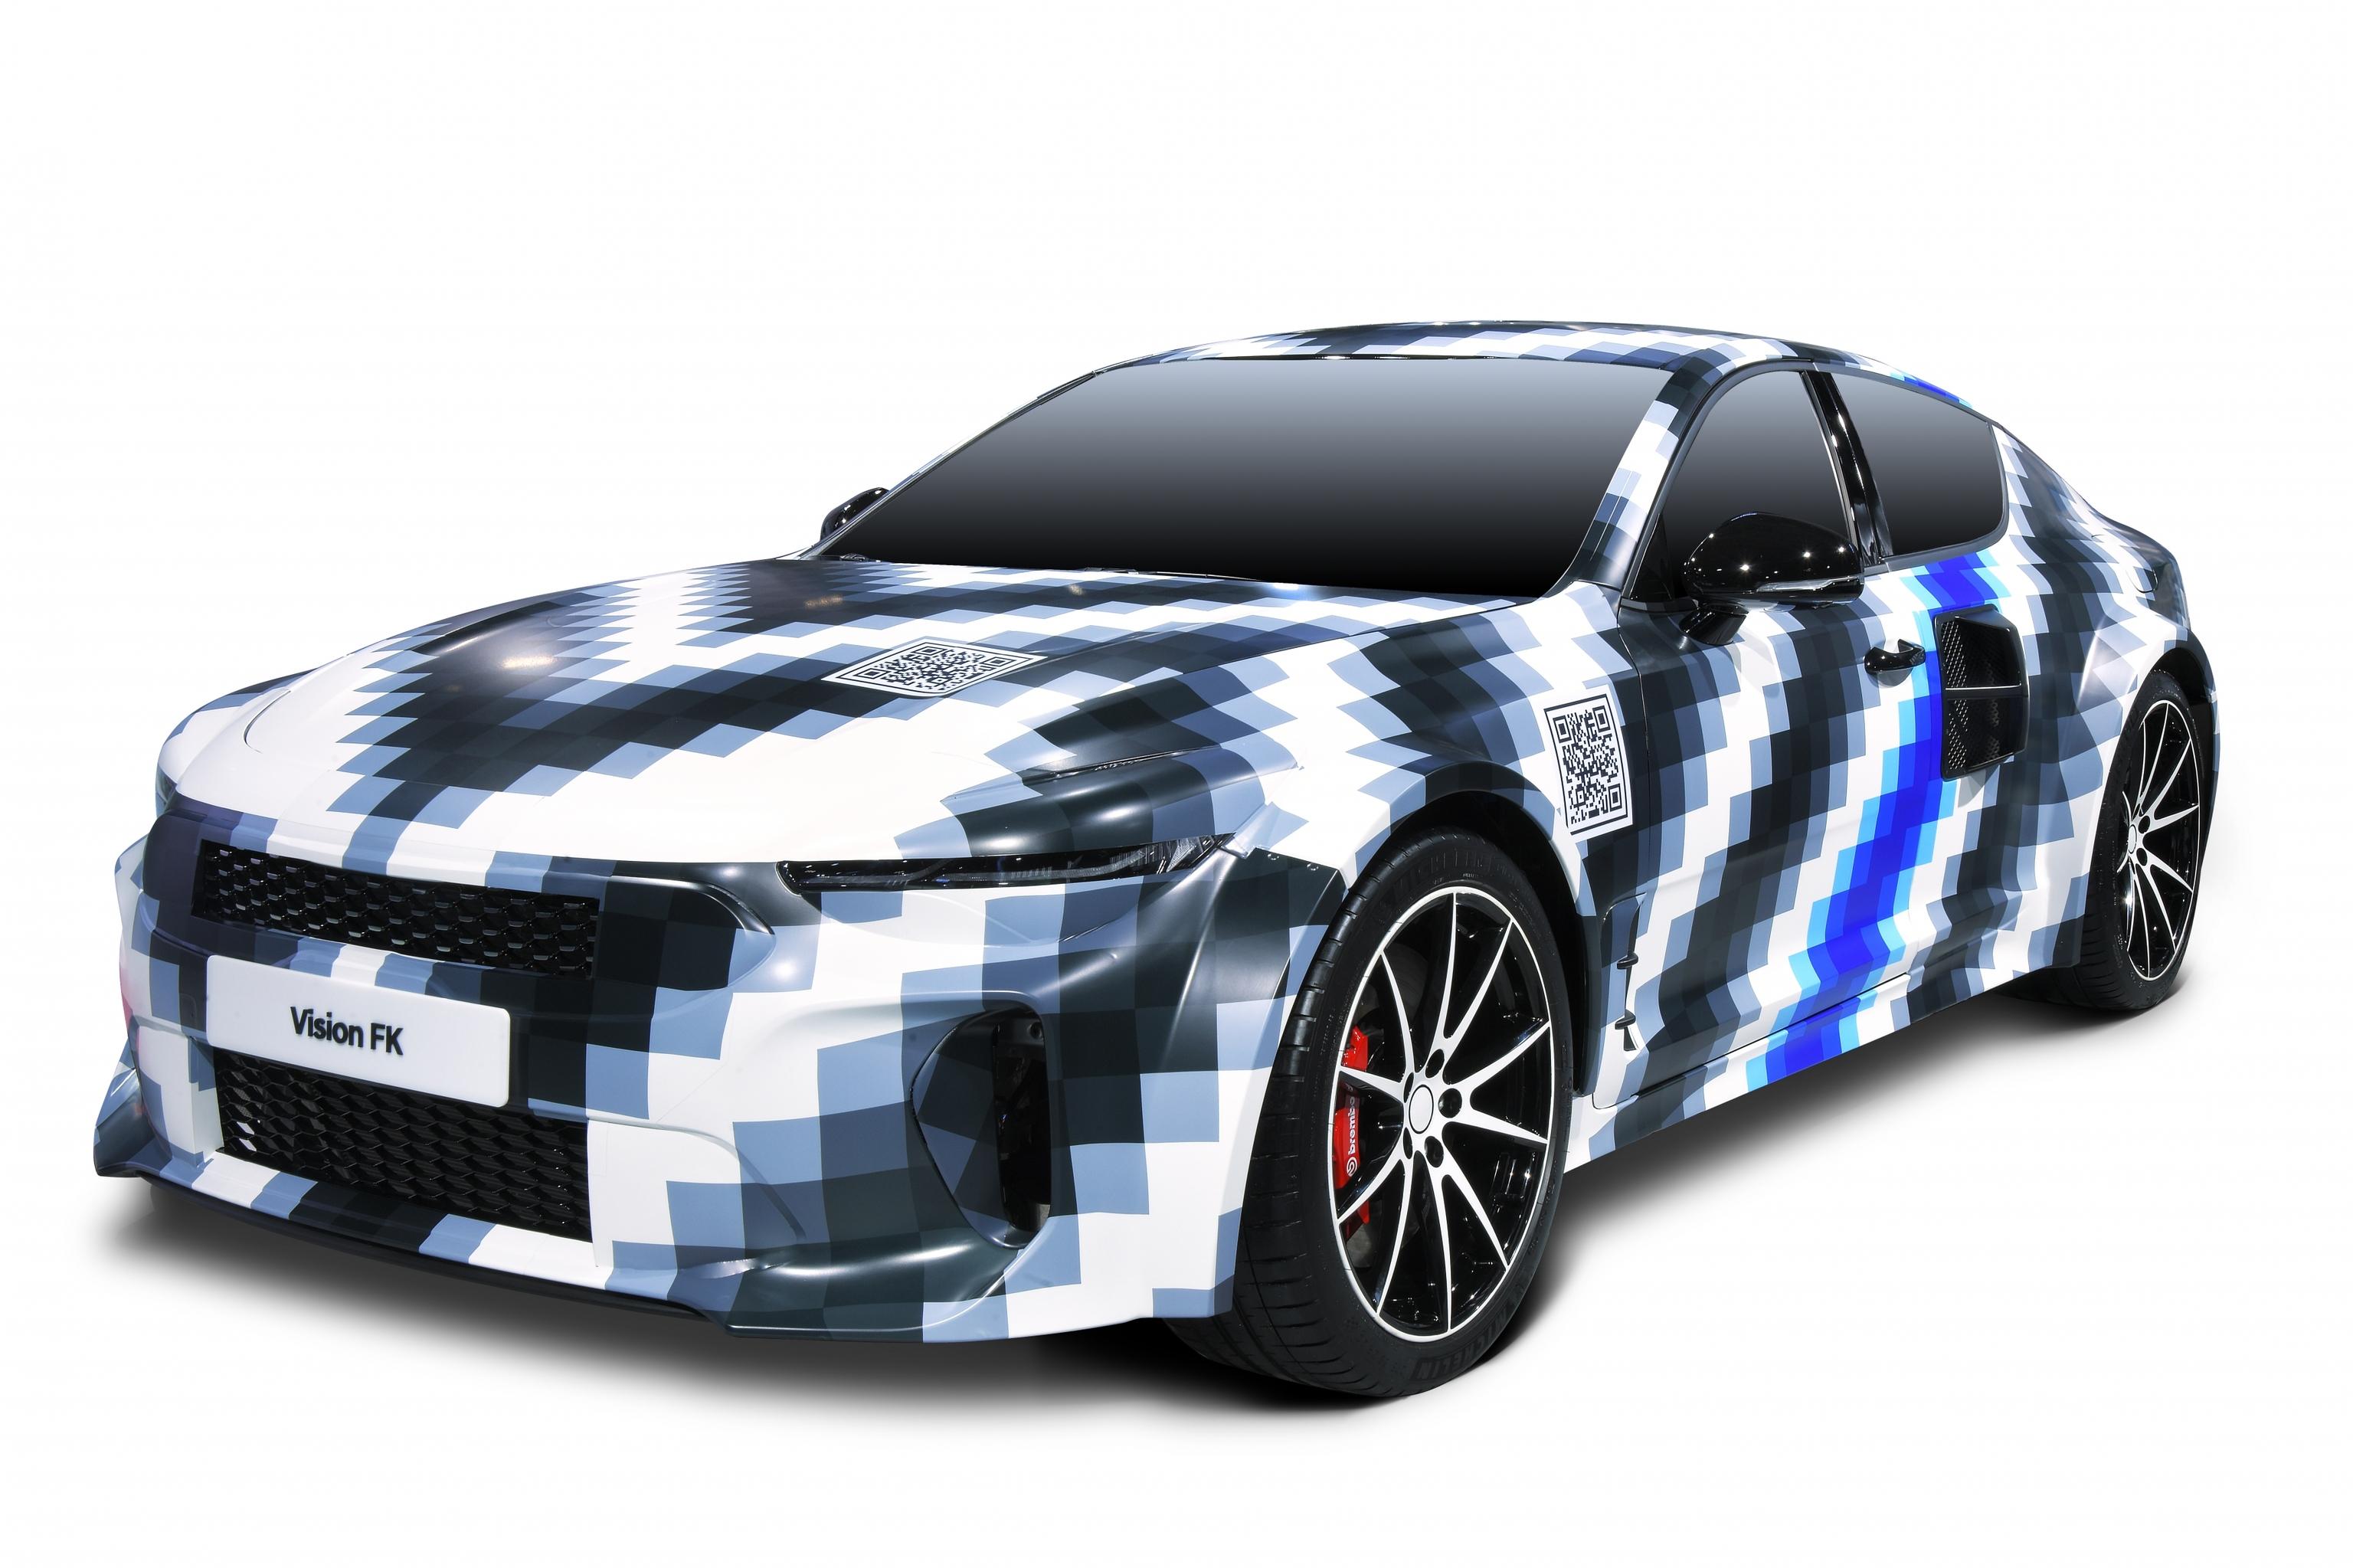 El Vision FK es el prototipo de un deportivo de hidrógeno 'enchufable' con 500 kW (670 CV) de potencia máxima.